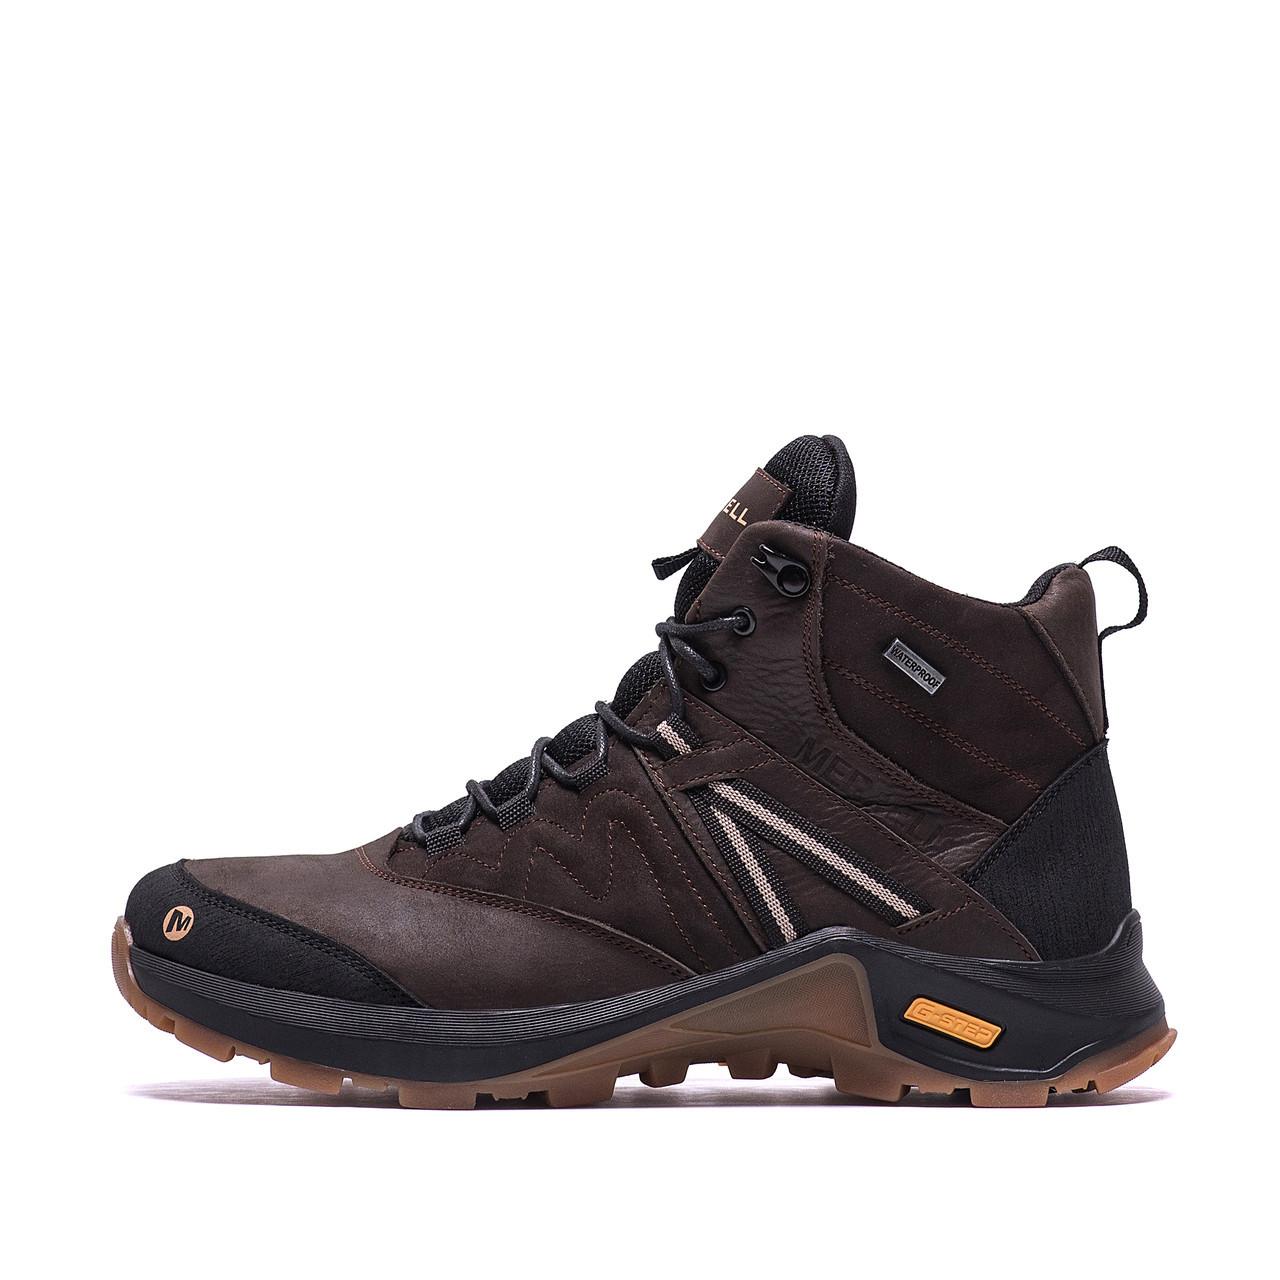 Мужские зимние кожаные ботинки MERRELL Brown р. 40